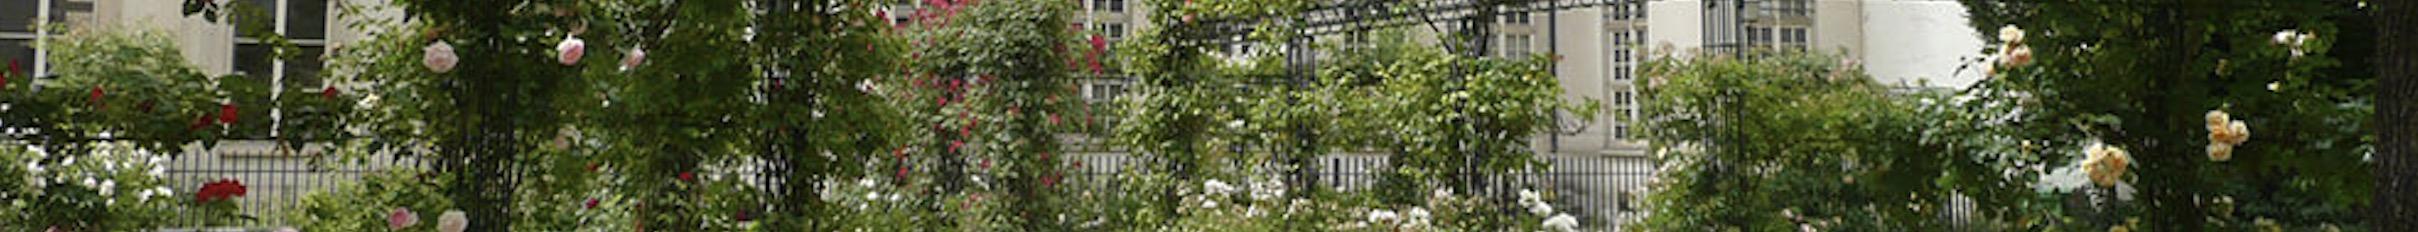 Investissement Immobilier locatif à Lille par Synerg'i, gestion de patrimoine Lille Beauvais Nord